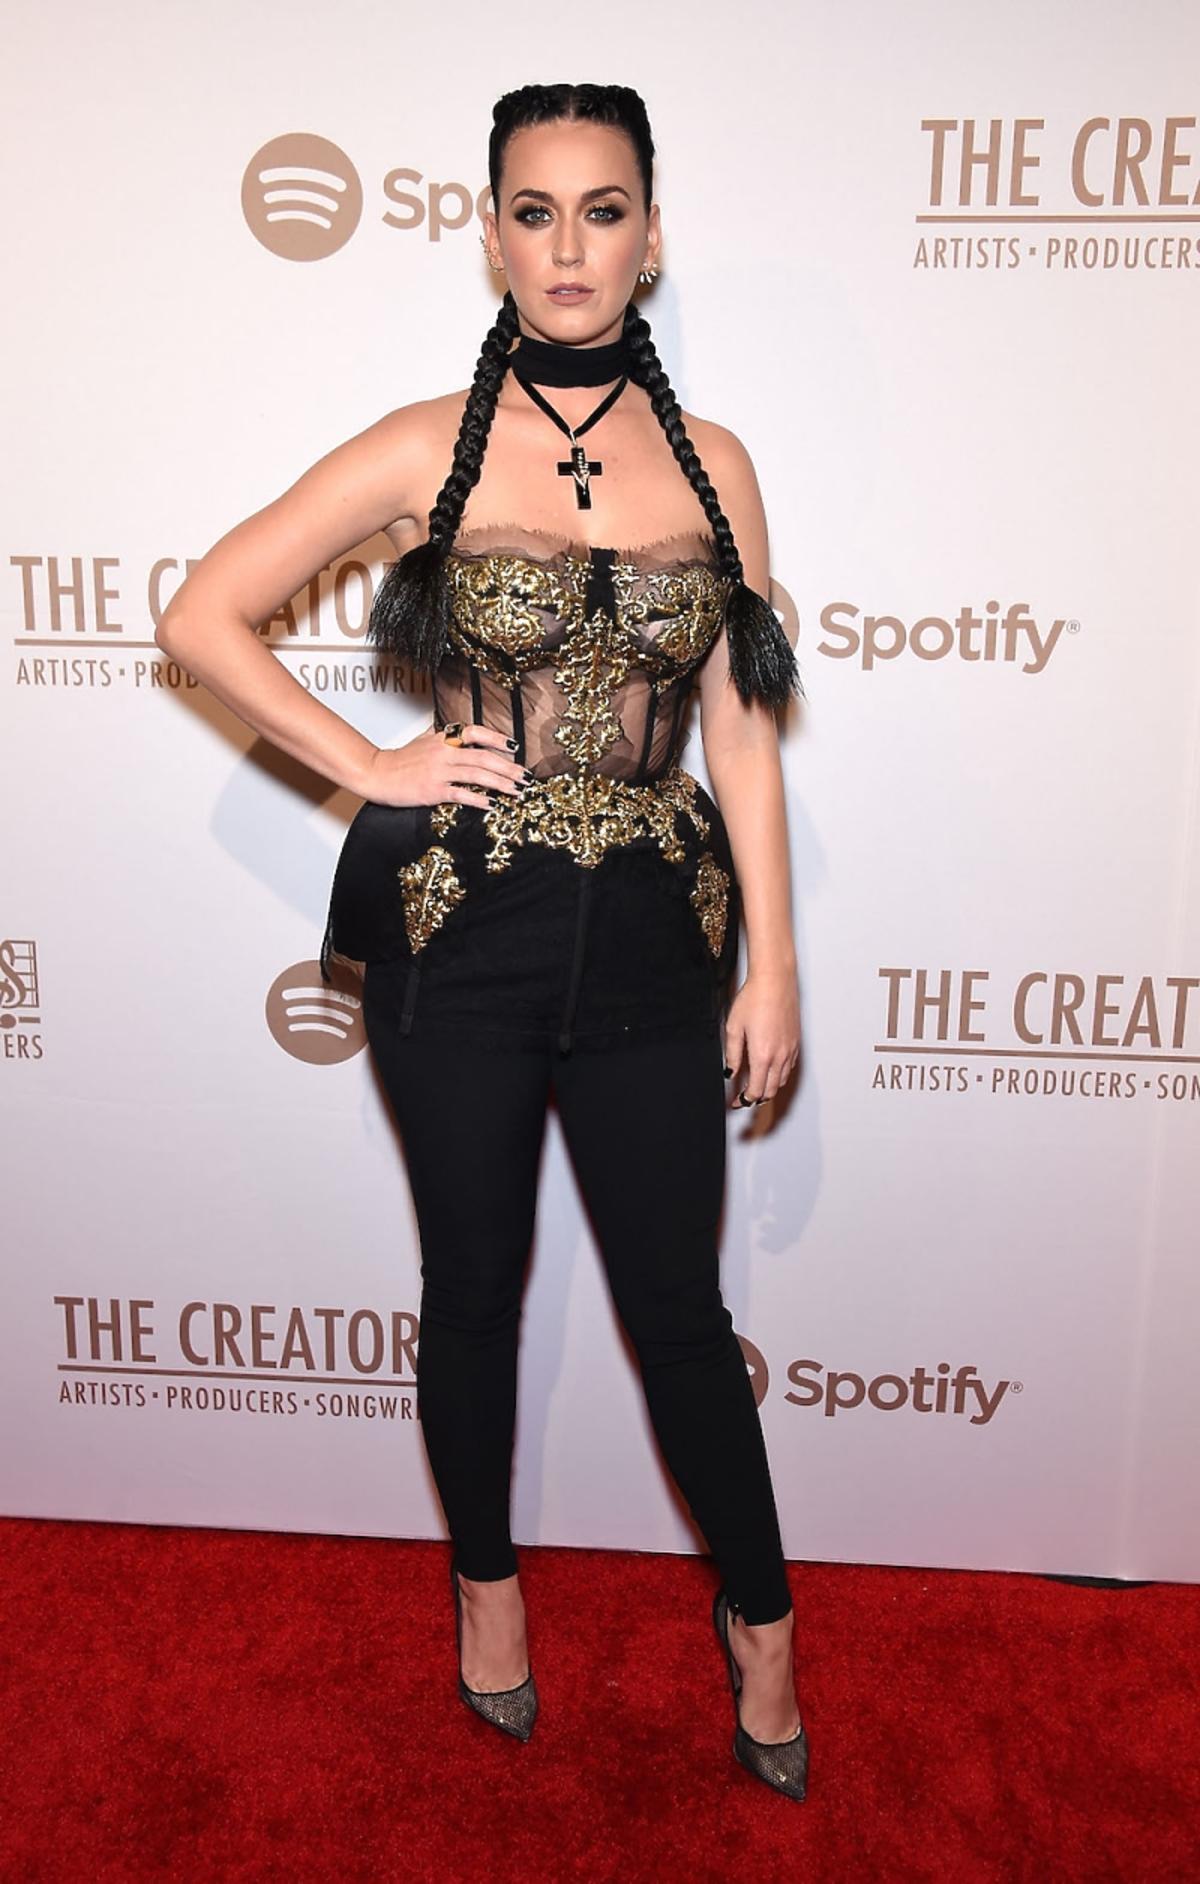 Katy Perry w czarno-złotym gorsecie i czarnych spodniach, z czarnymi długimi warkoczami